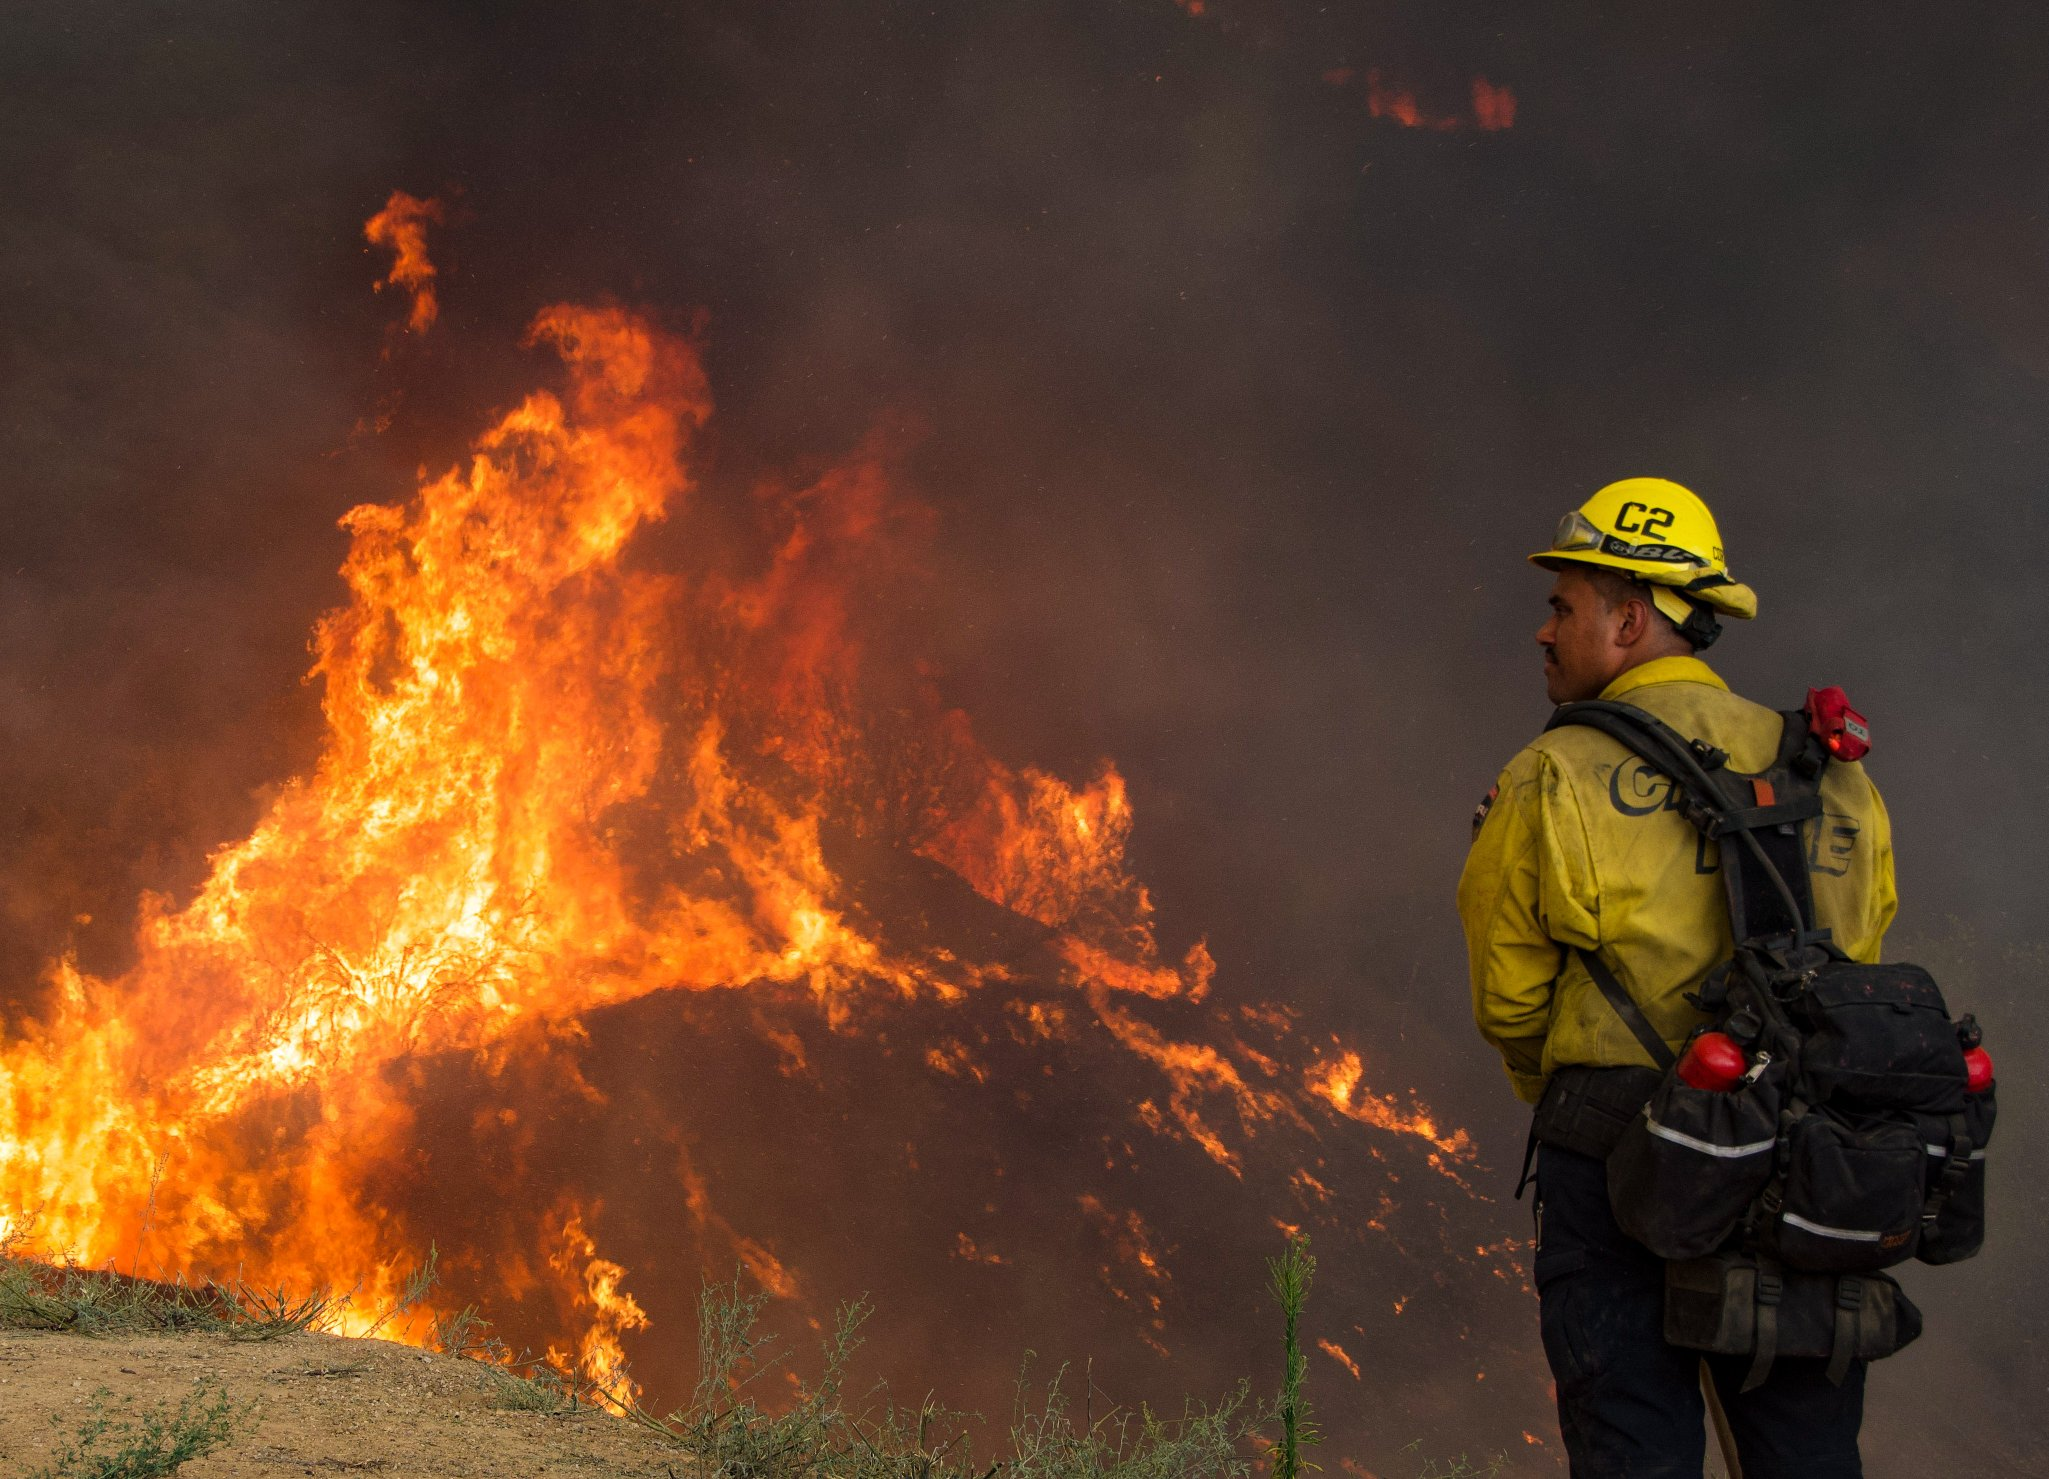 Bombeiros no combate ao incêndio de El Dorado Ranch Park. (Fonte: firevalleyphoto/Twitter/Reprodução)